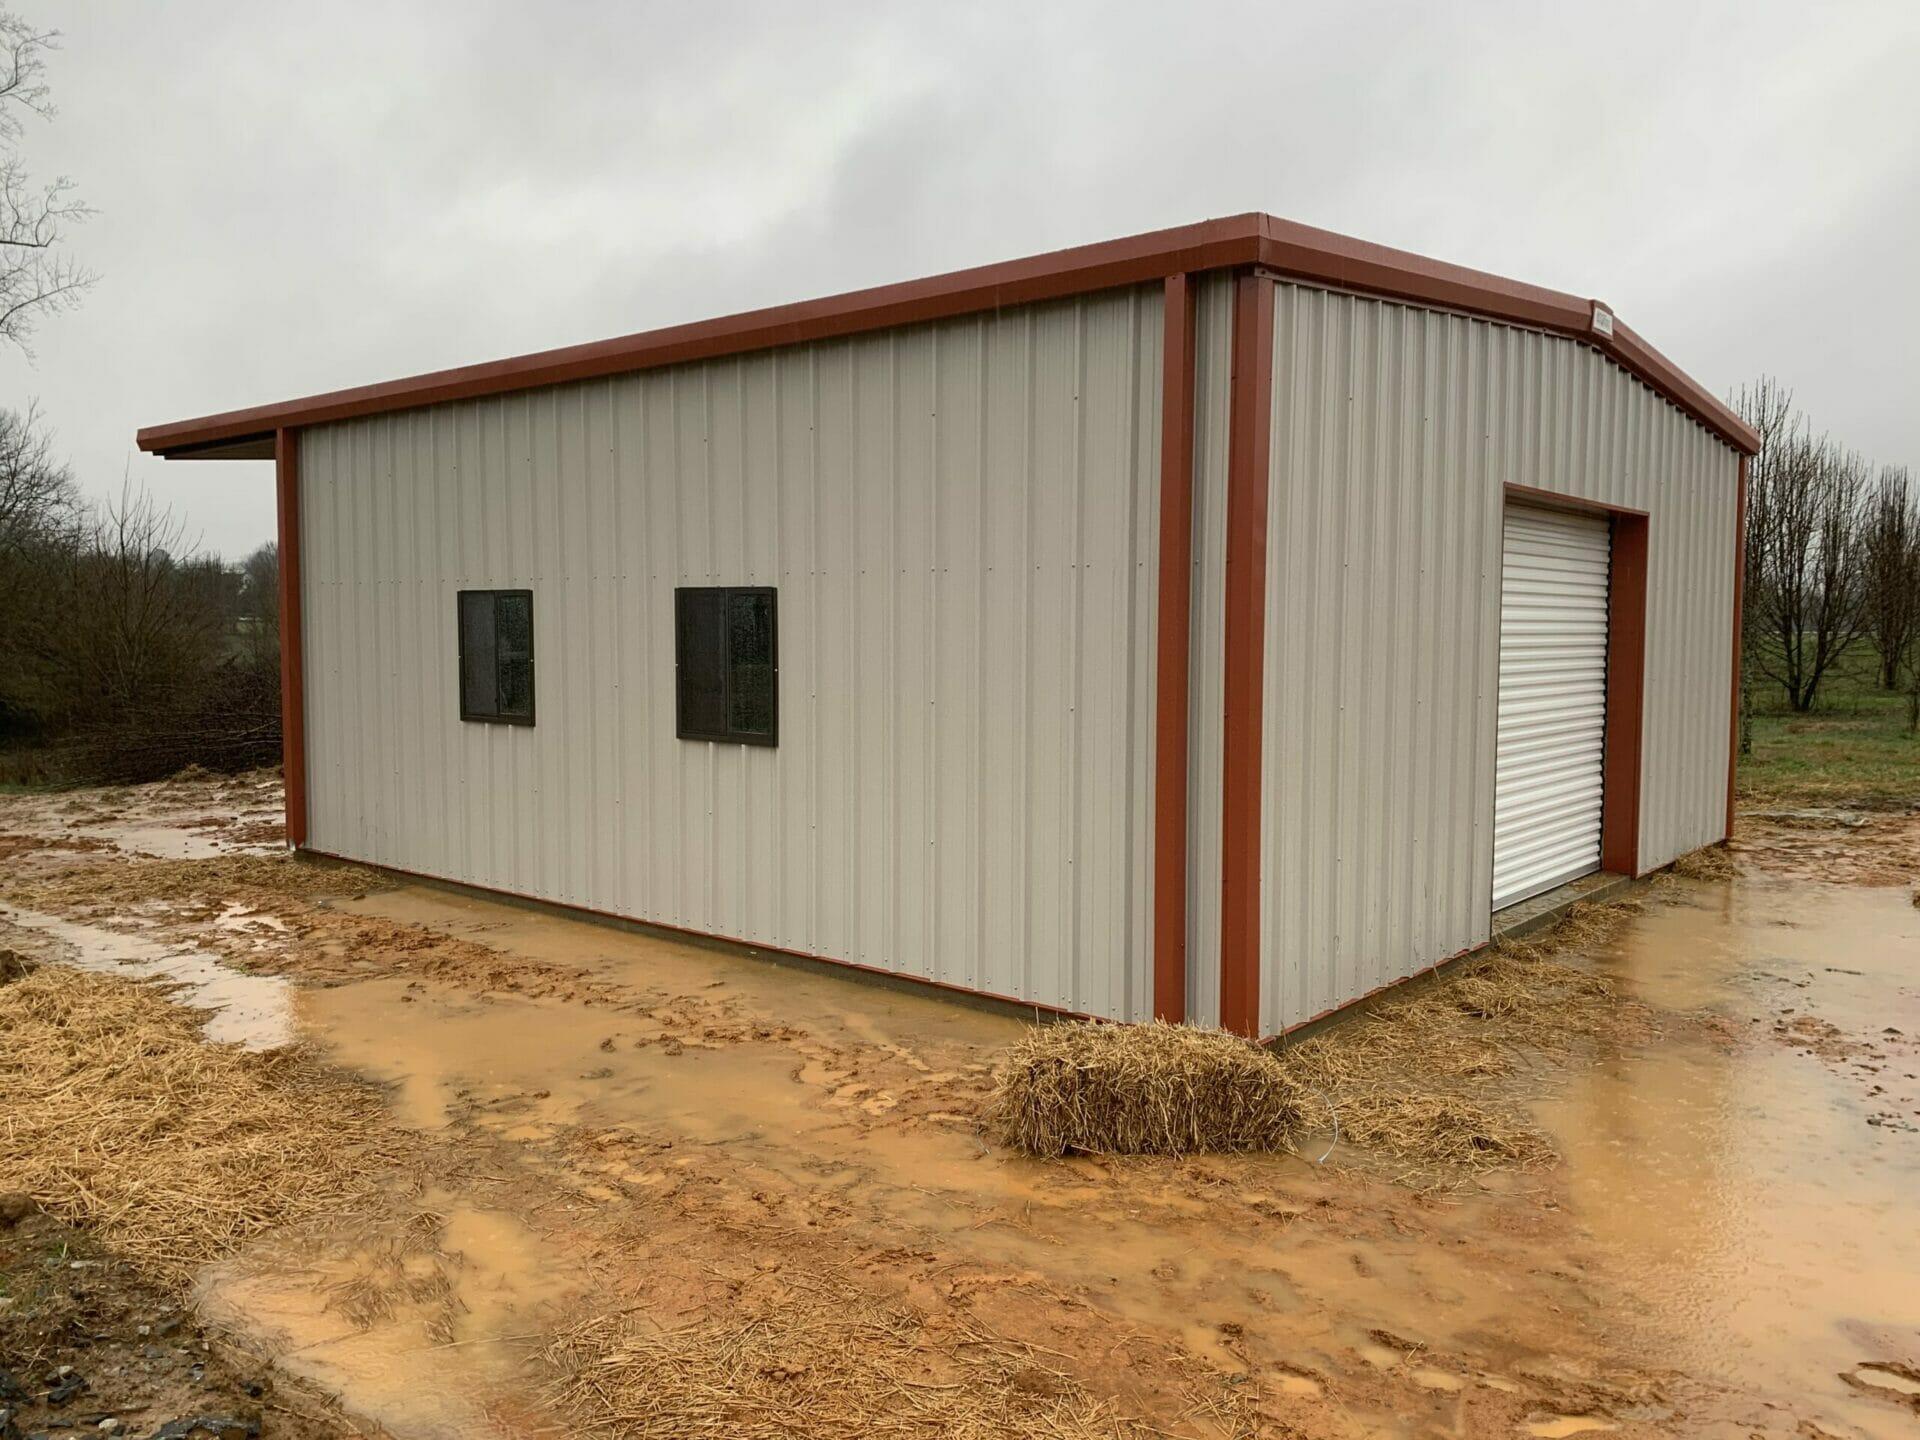 Pre-Engineered Metal Garage Building With Roll Up Garage Door And Windows